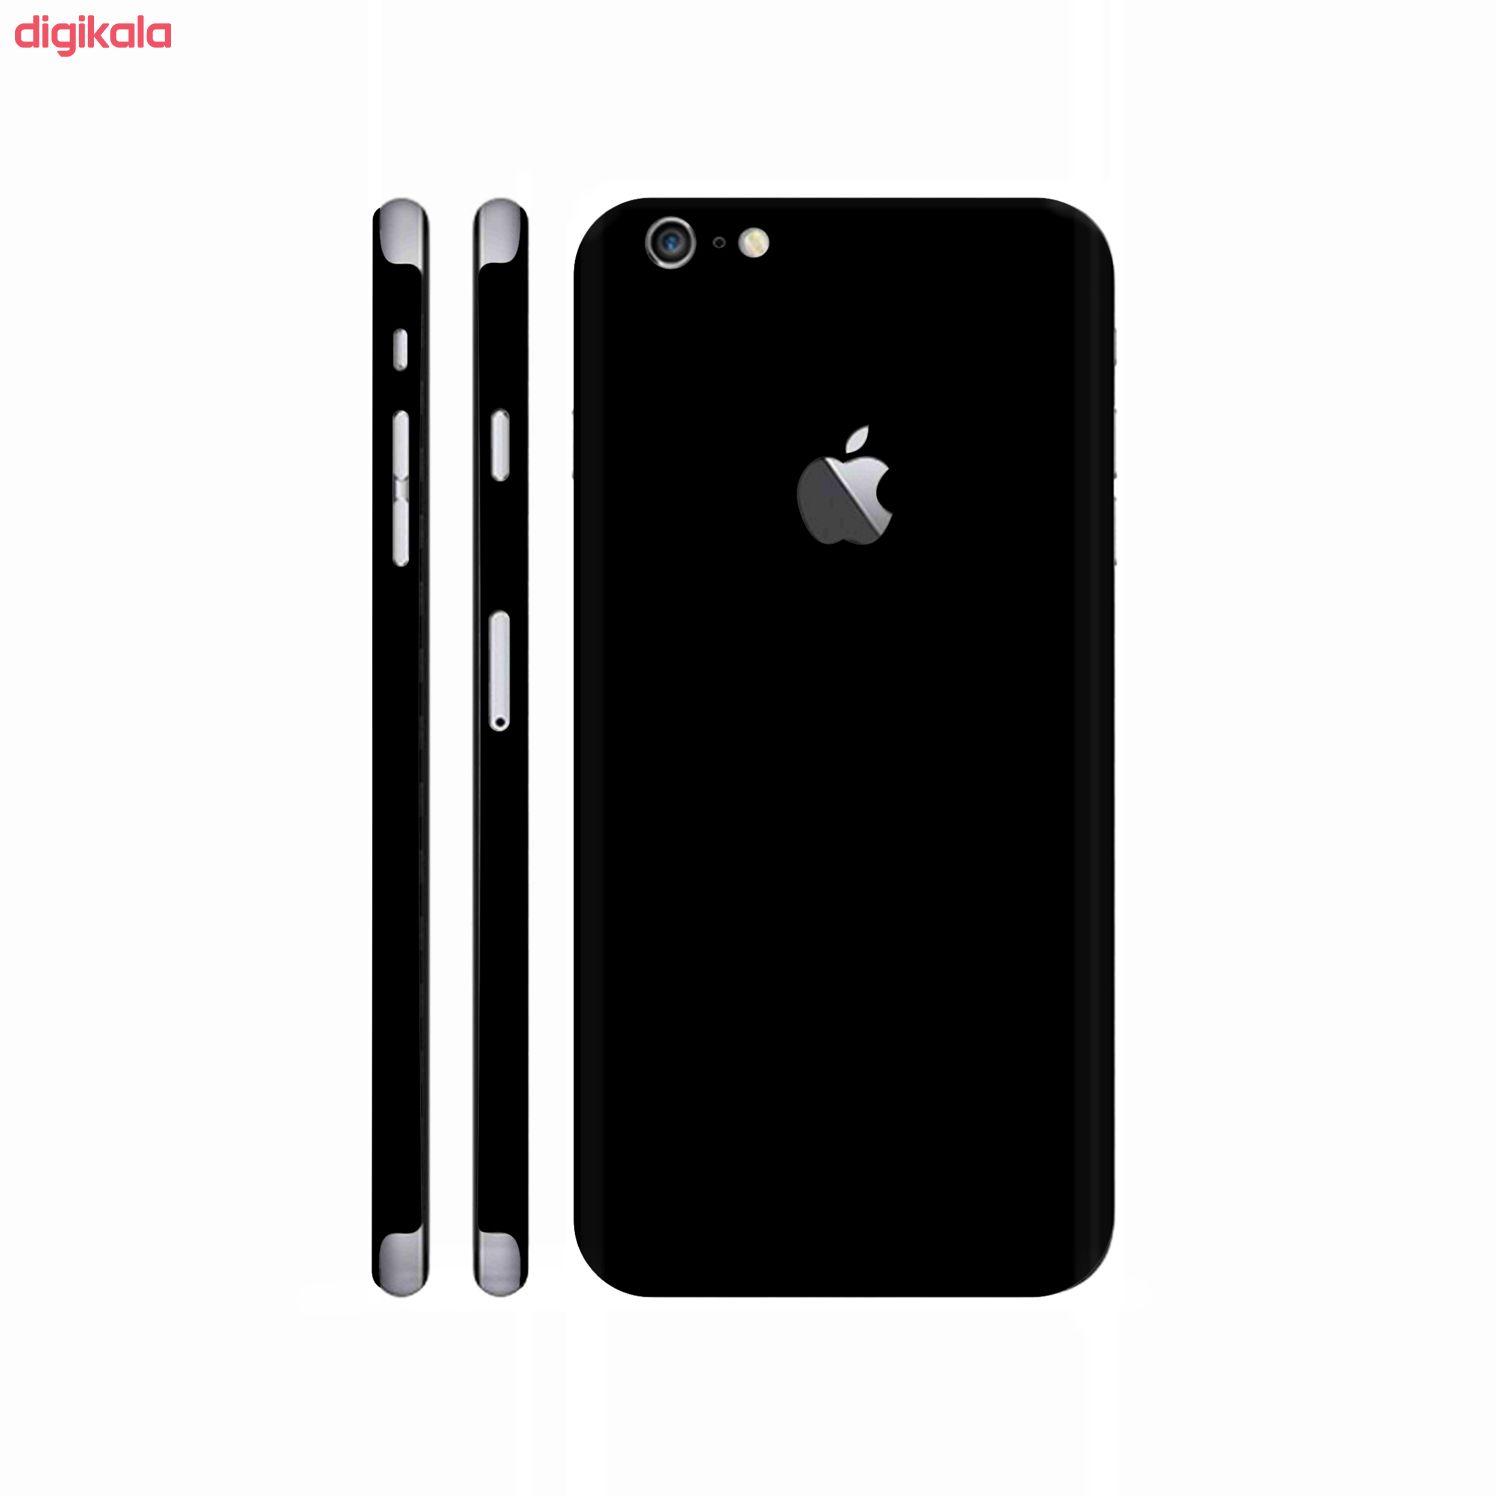 برچسب پوششی مدل Glossy black104 مناسب برای گوشی موبایل اپل Iphone 6/6s main 1 1